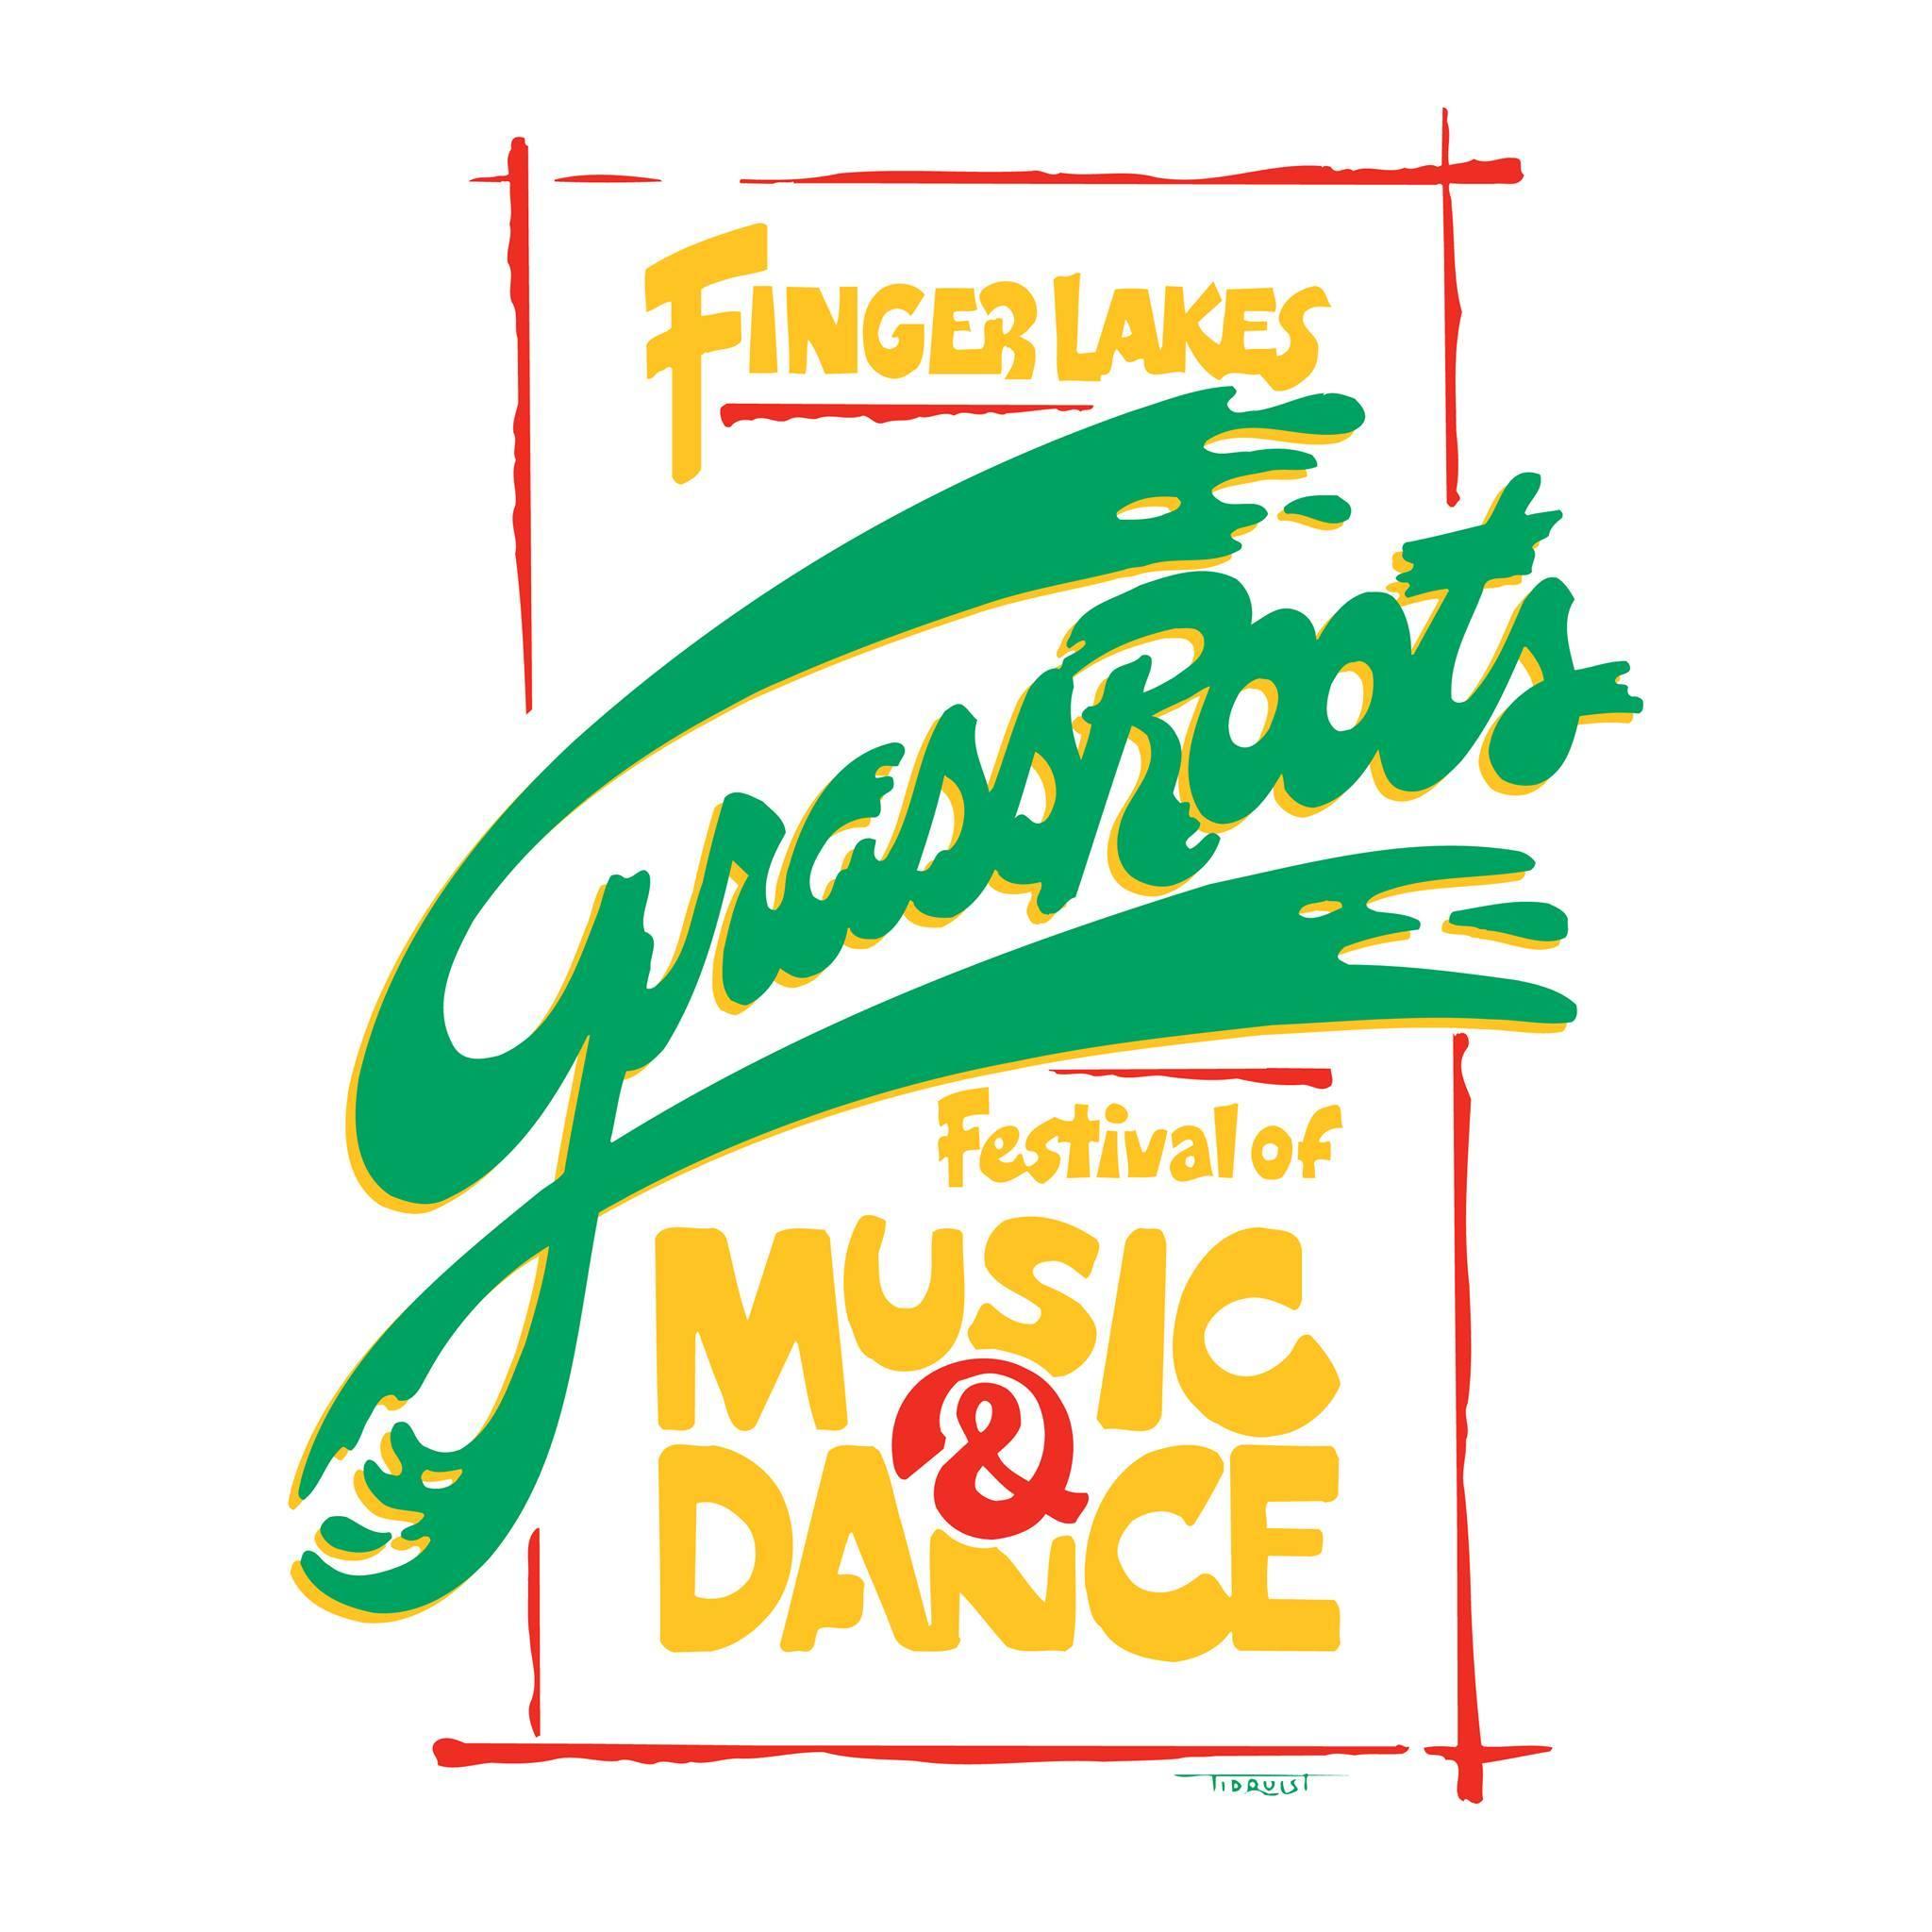 Fingerlakes Grassroots Bluegrass Folk Festivals